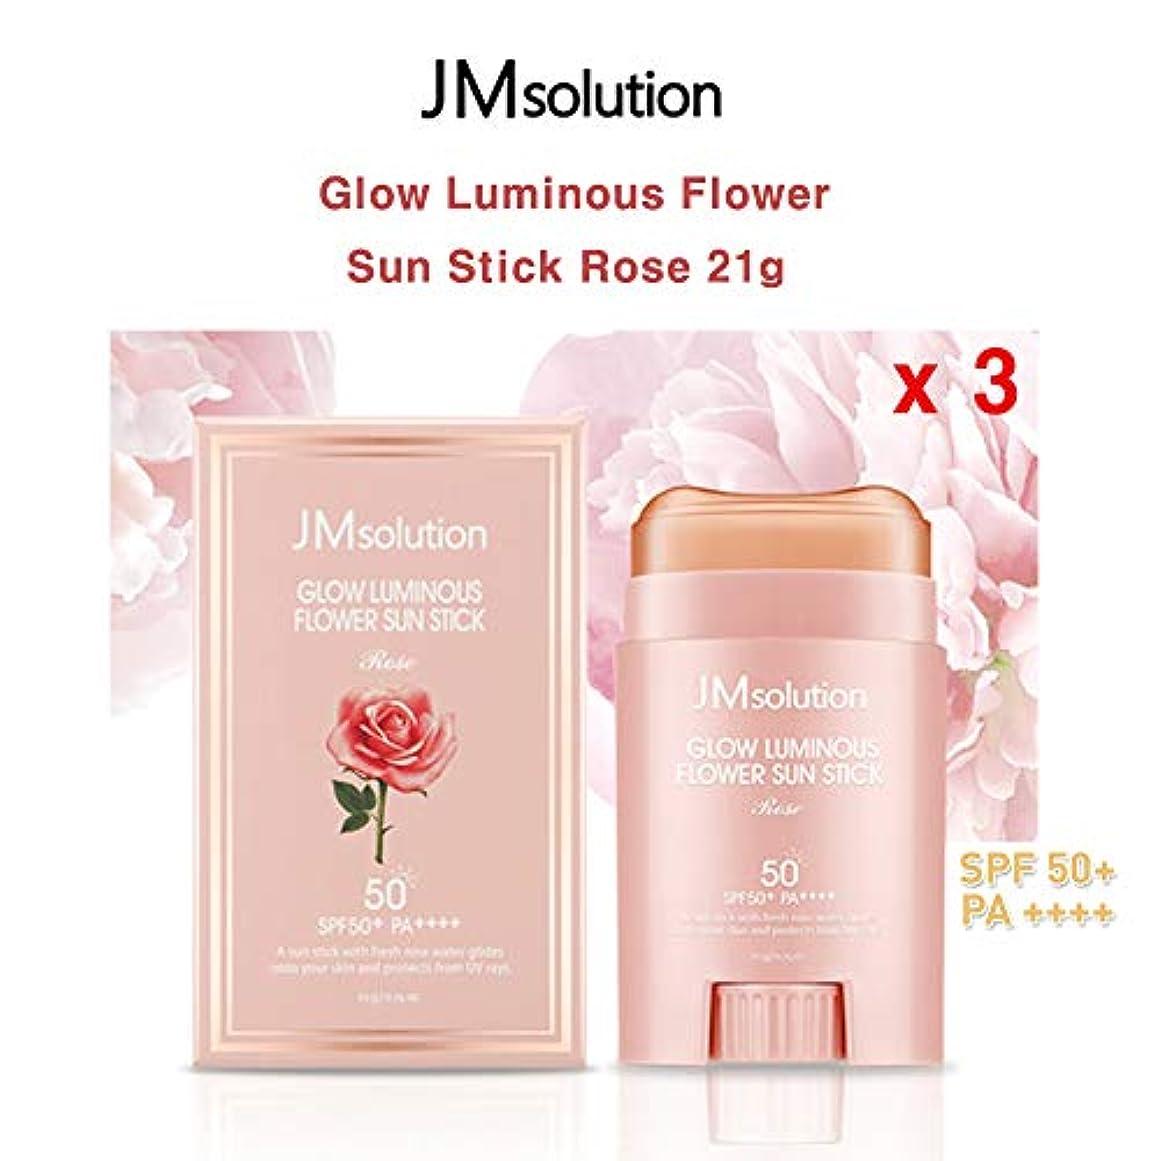 歩行者一晩ビバJM Solution ★1+1+1★ Glow Luminous Flower Sun Stick Rose 21g (spf50 PA) 光る輝く花Sun Stick Rose